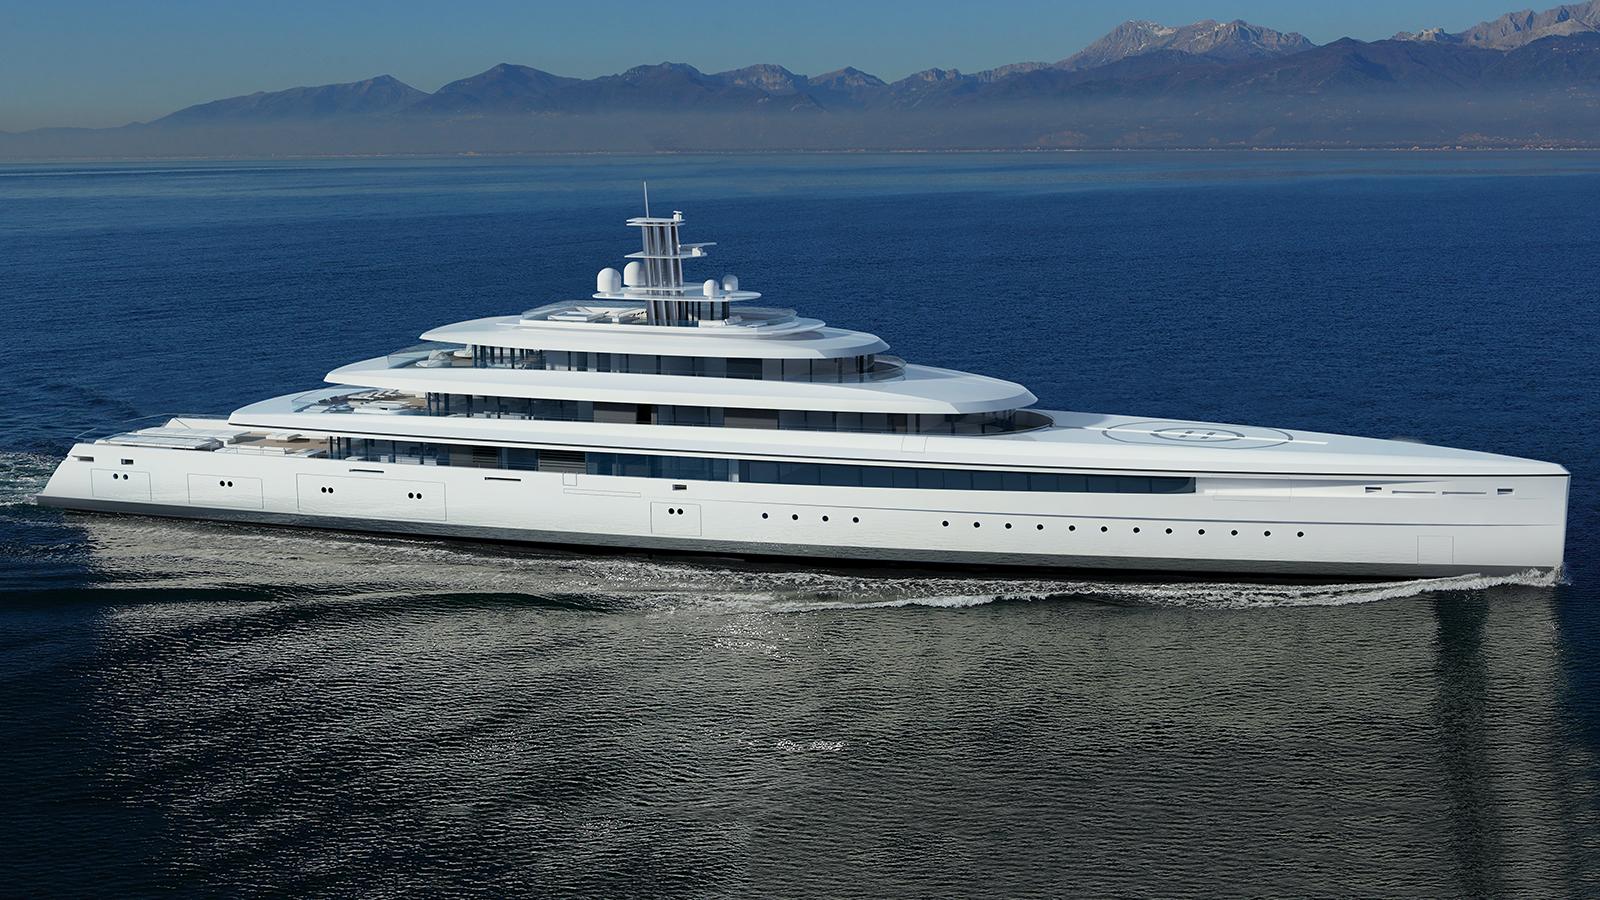 Superyacht concept Acquaintance